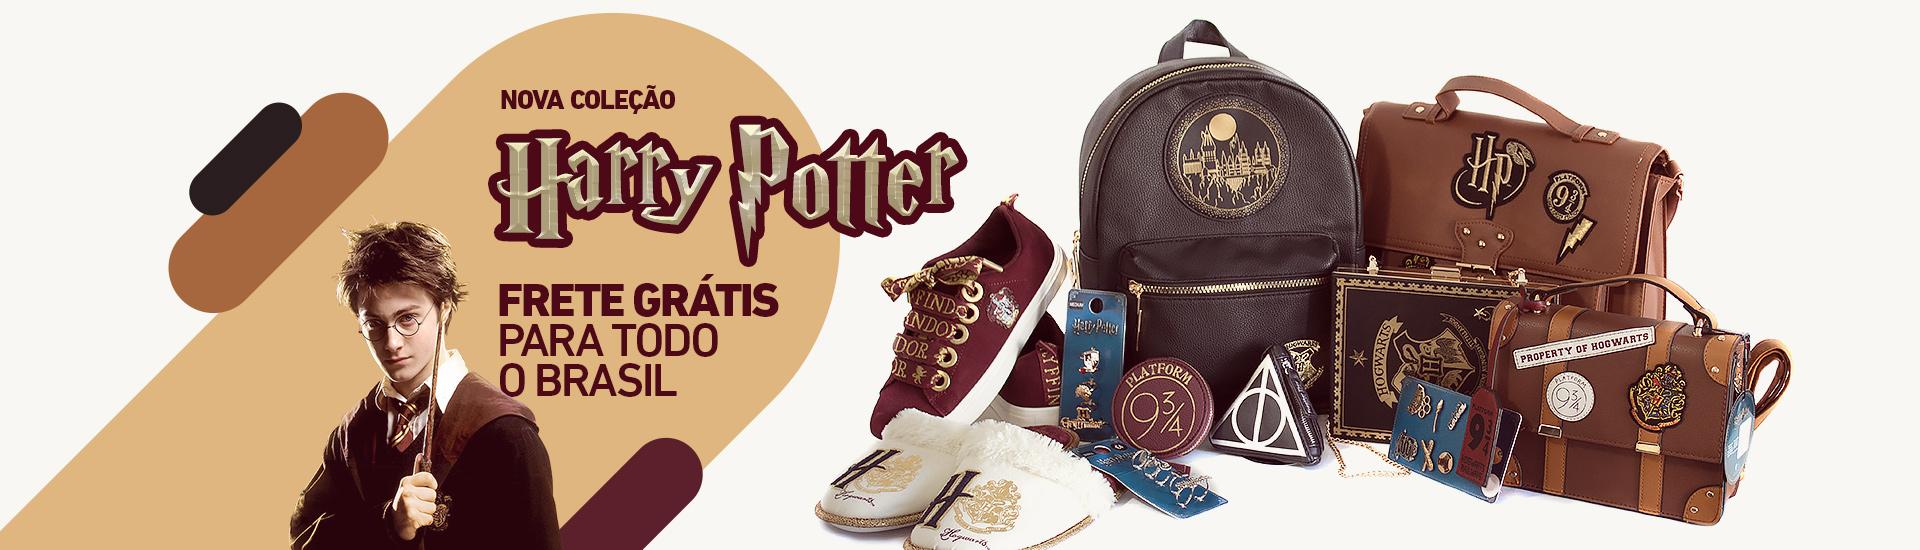 Coleção Harry Potter - Garotas Nerds Store